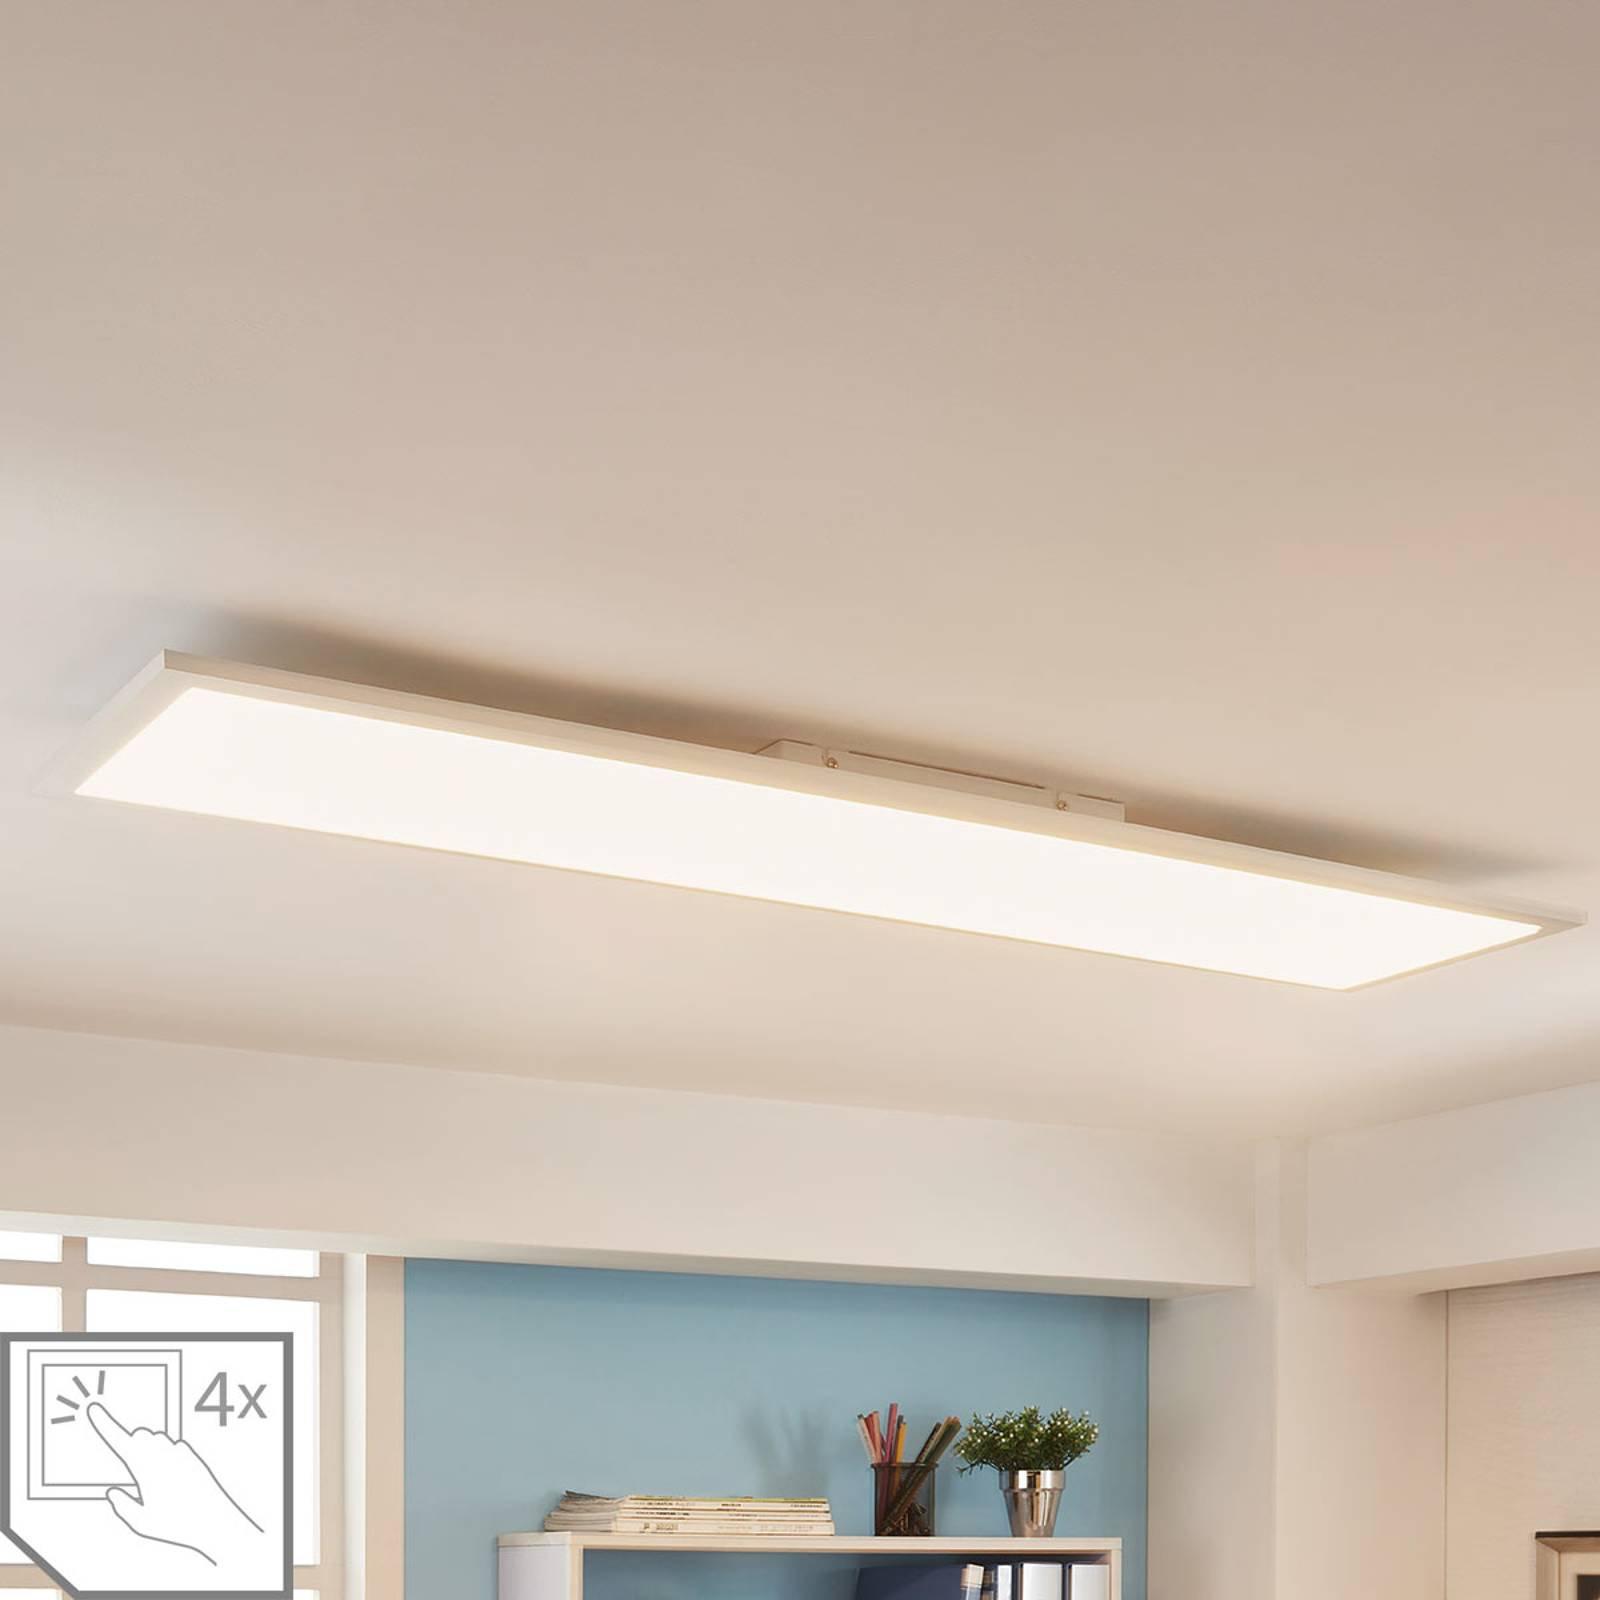 Firkantet LED-panel Enja, 120 x 30 cm